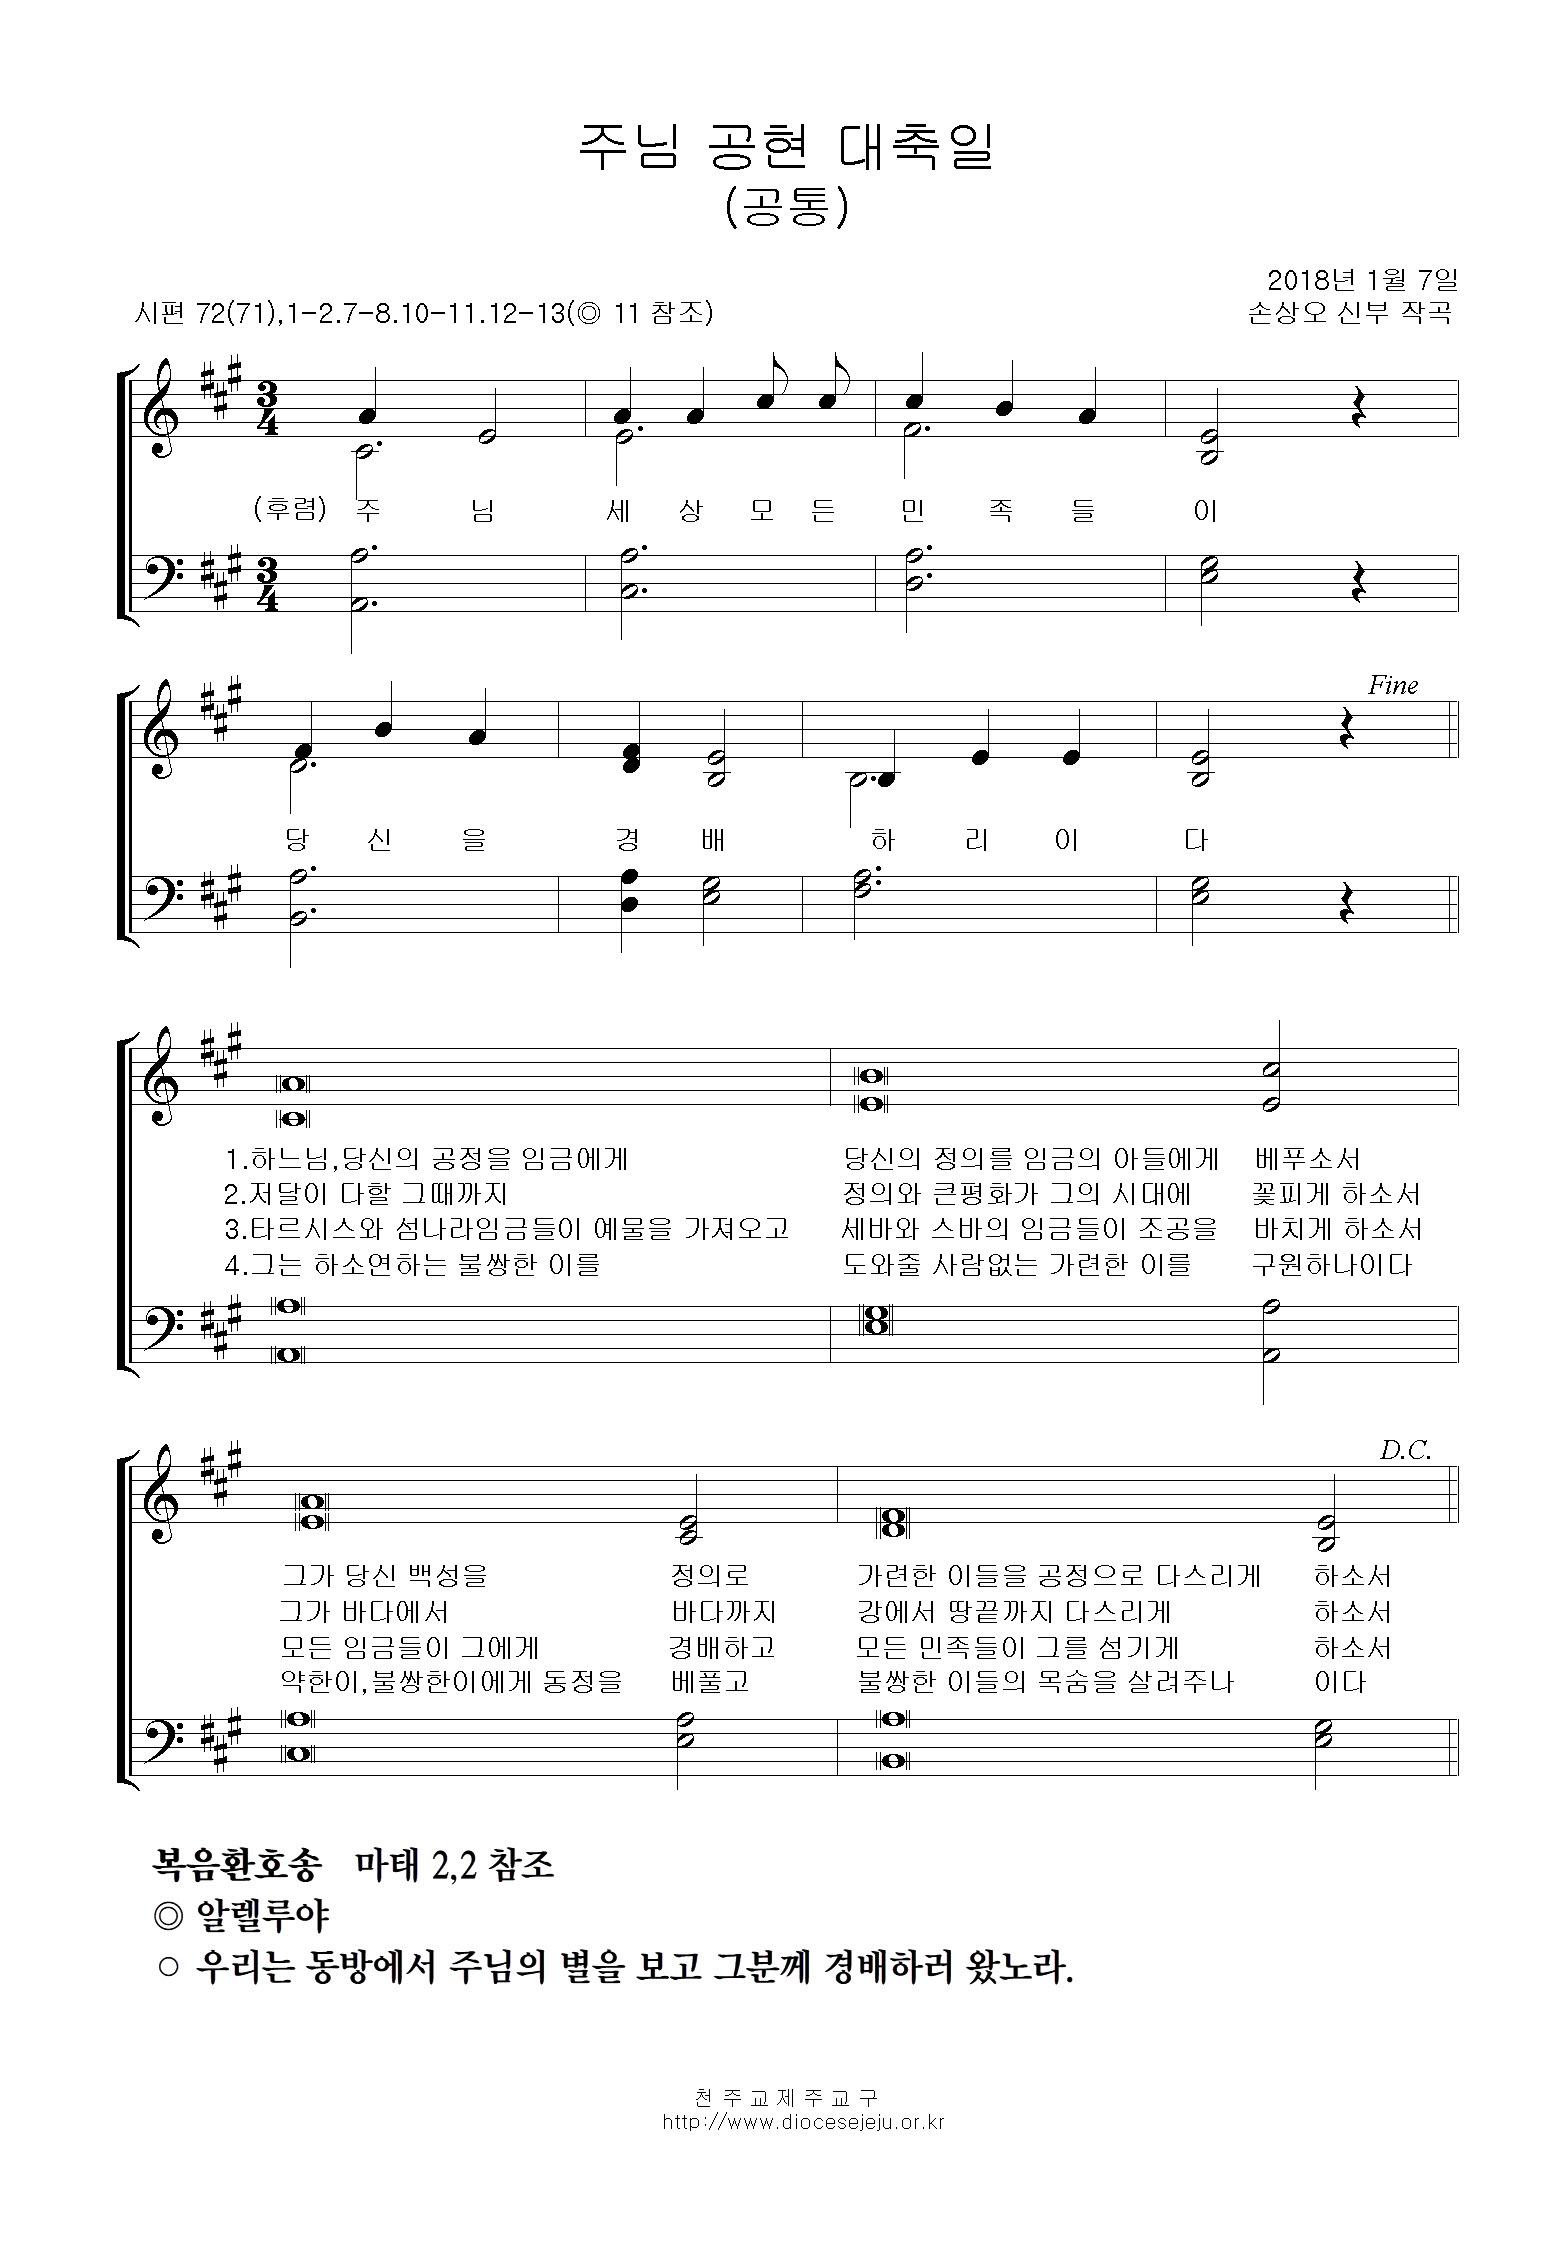 20180107-주님공현대축일(공통).jpg